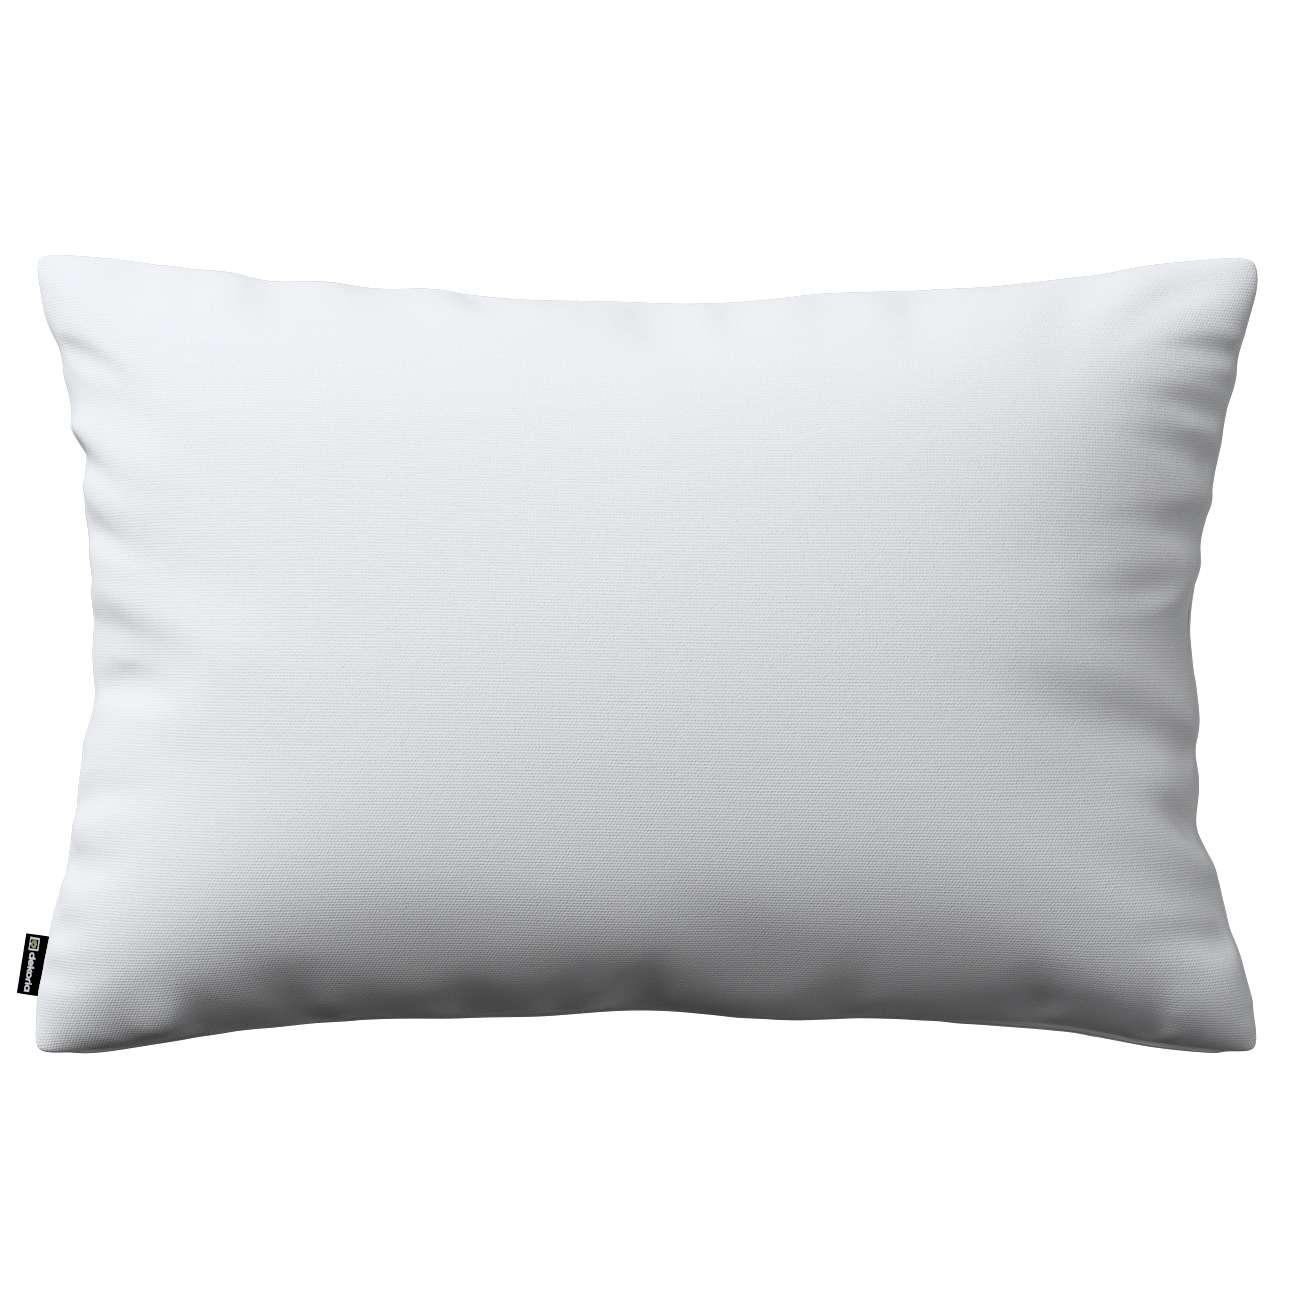 Poszewka Kinga na poduszkę prostokątną 60 x 40 cm w kolekcji Loneta, tkanina: 133-02